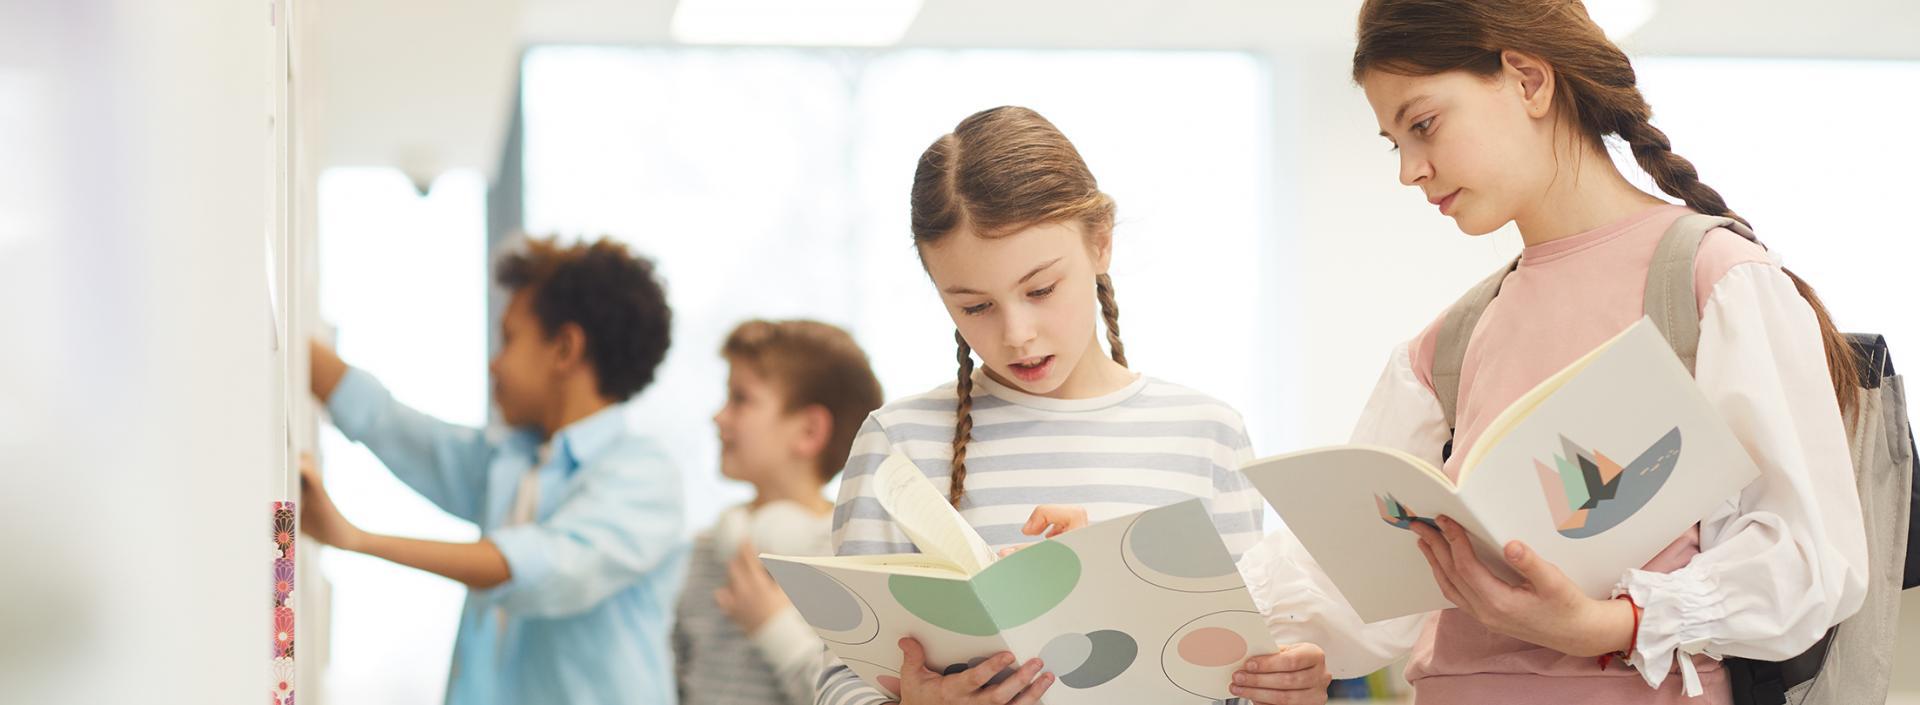 Especialização Avançada em Intervenção Psicopedagógica em Contexto Escolar